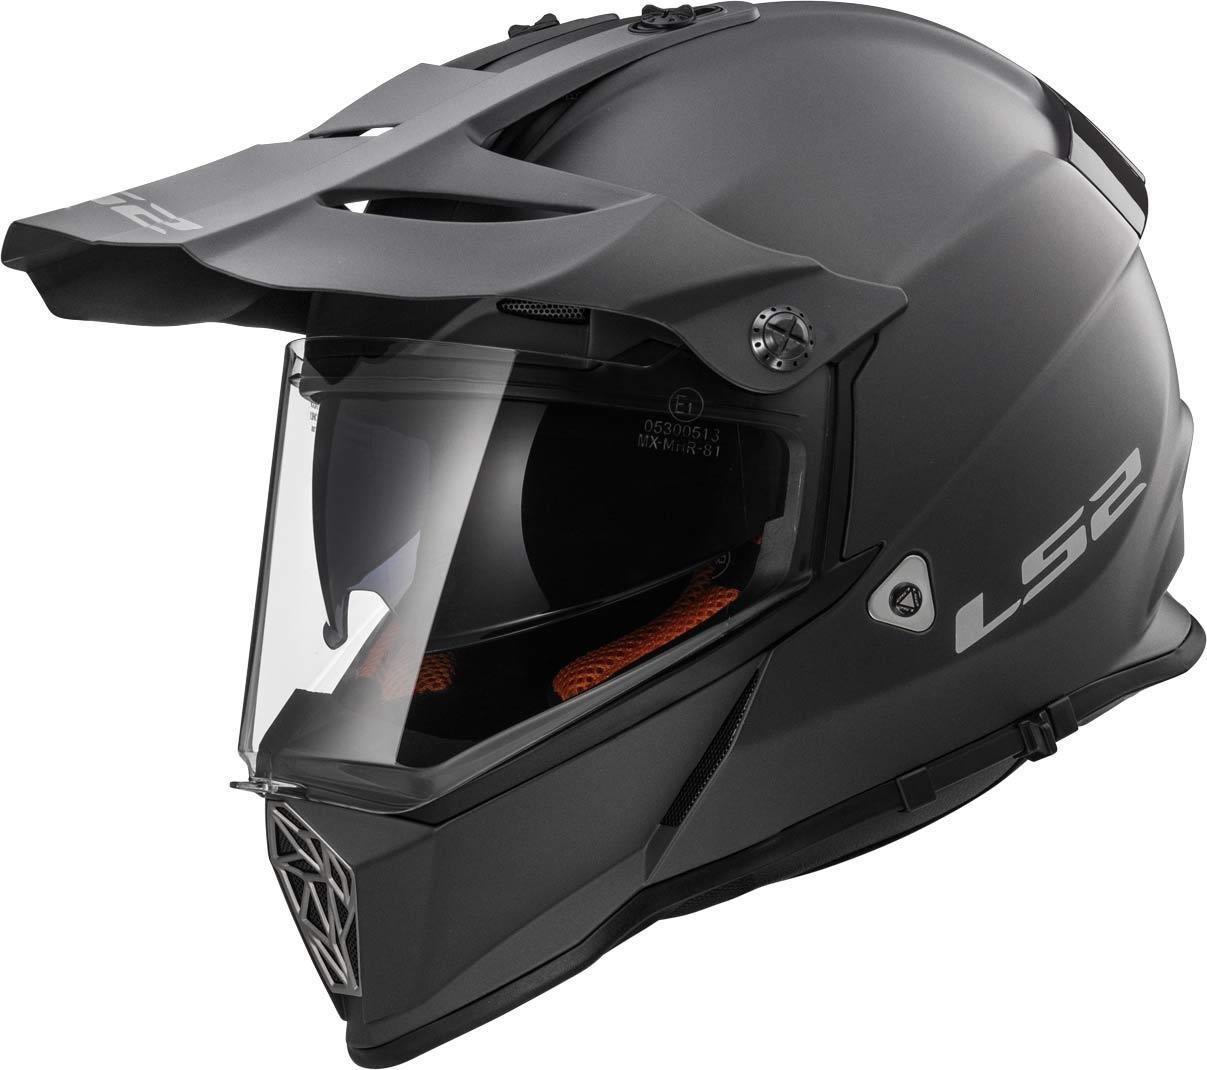 LS2/Helm Motorrad MX436/Pioneer 3/x l matt black